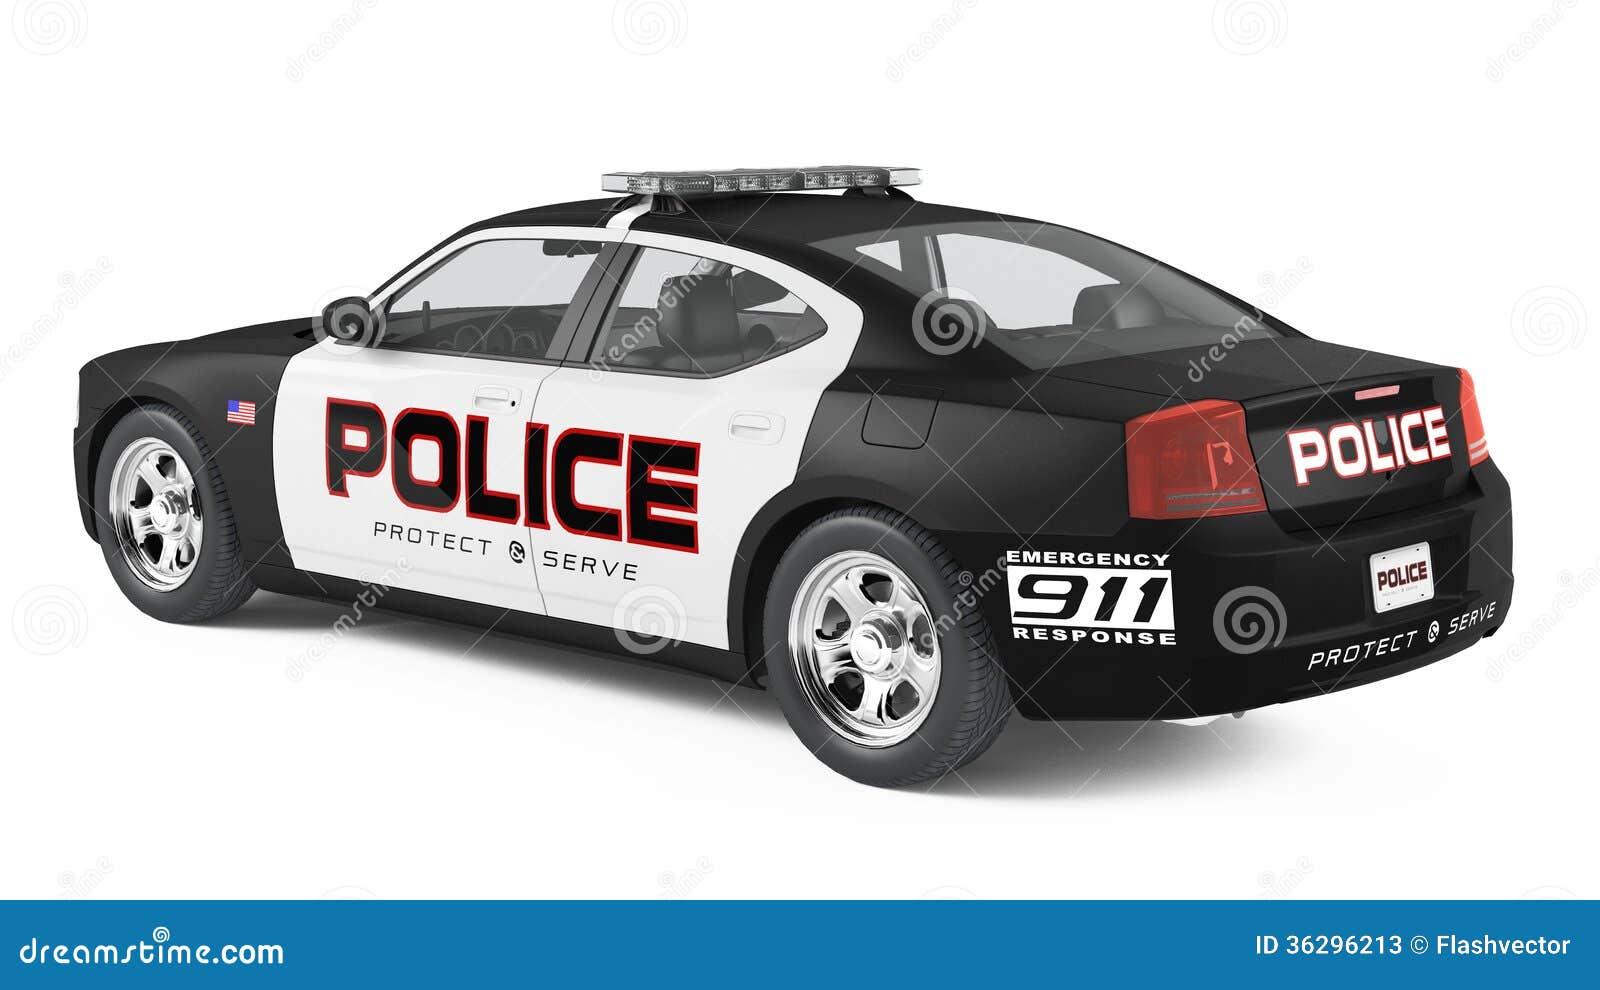 dos de voiture de police sport et style moderne illustration stock image 36296213. Black Bedroom Furniture Sets. Home Design Ideas